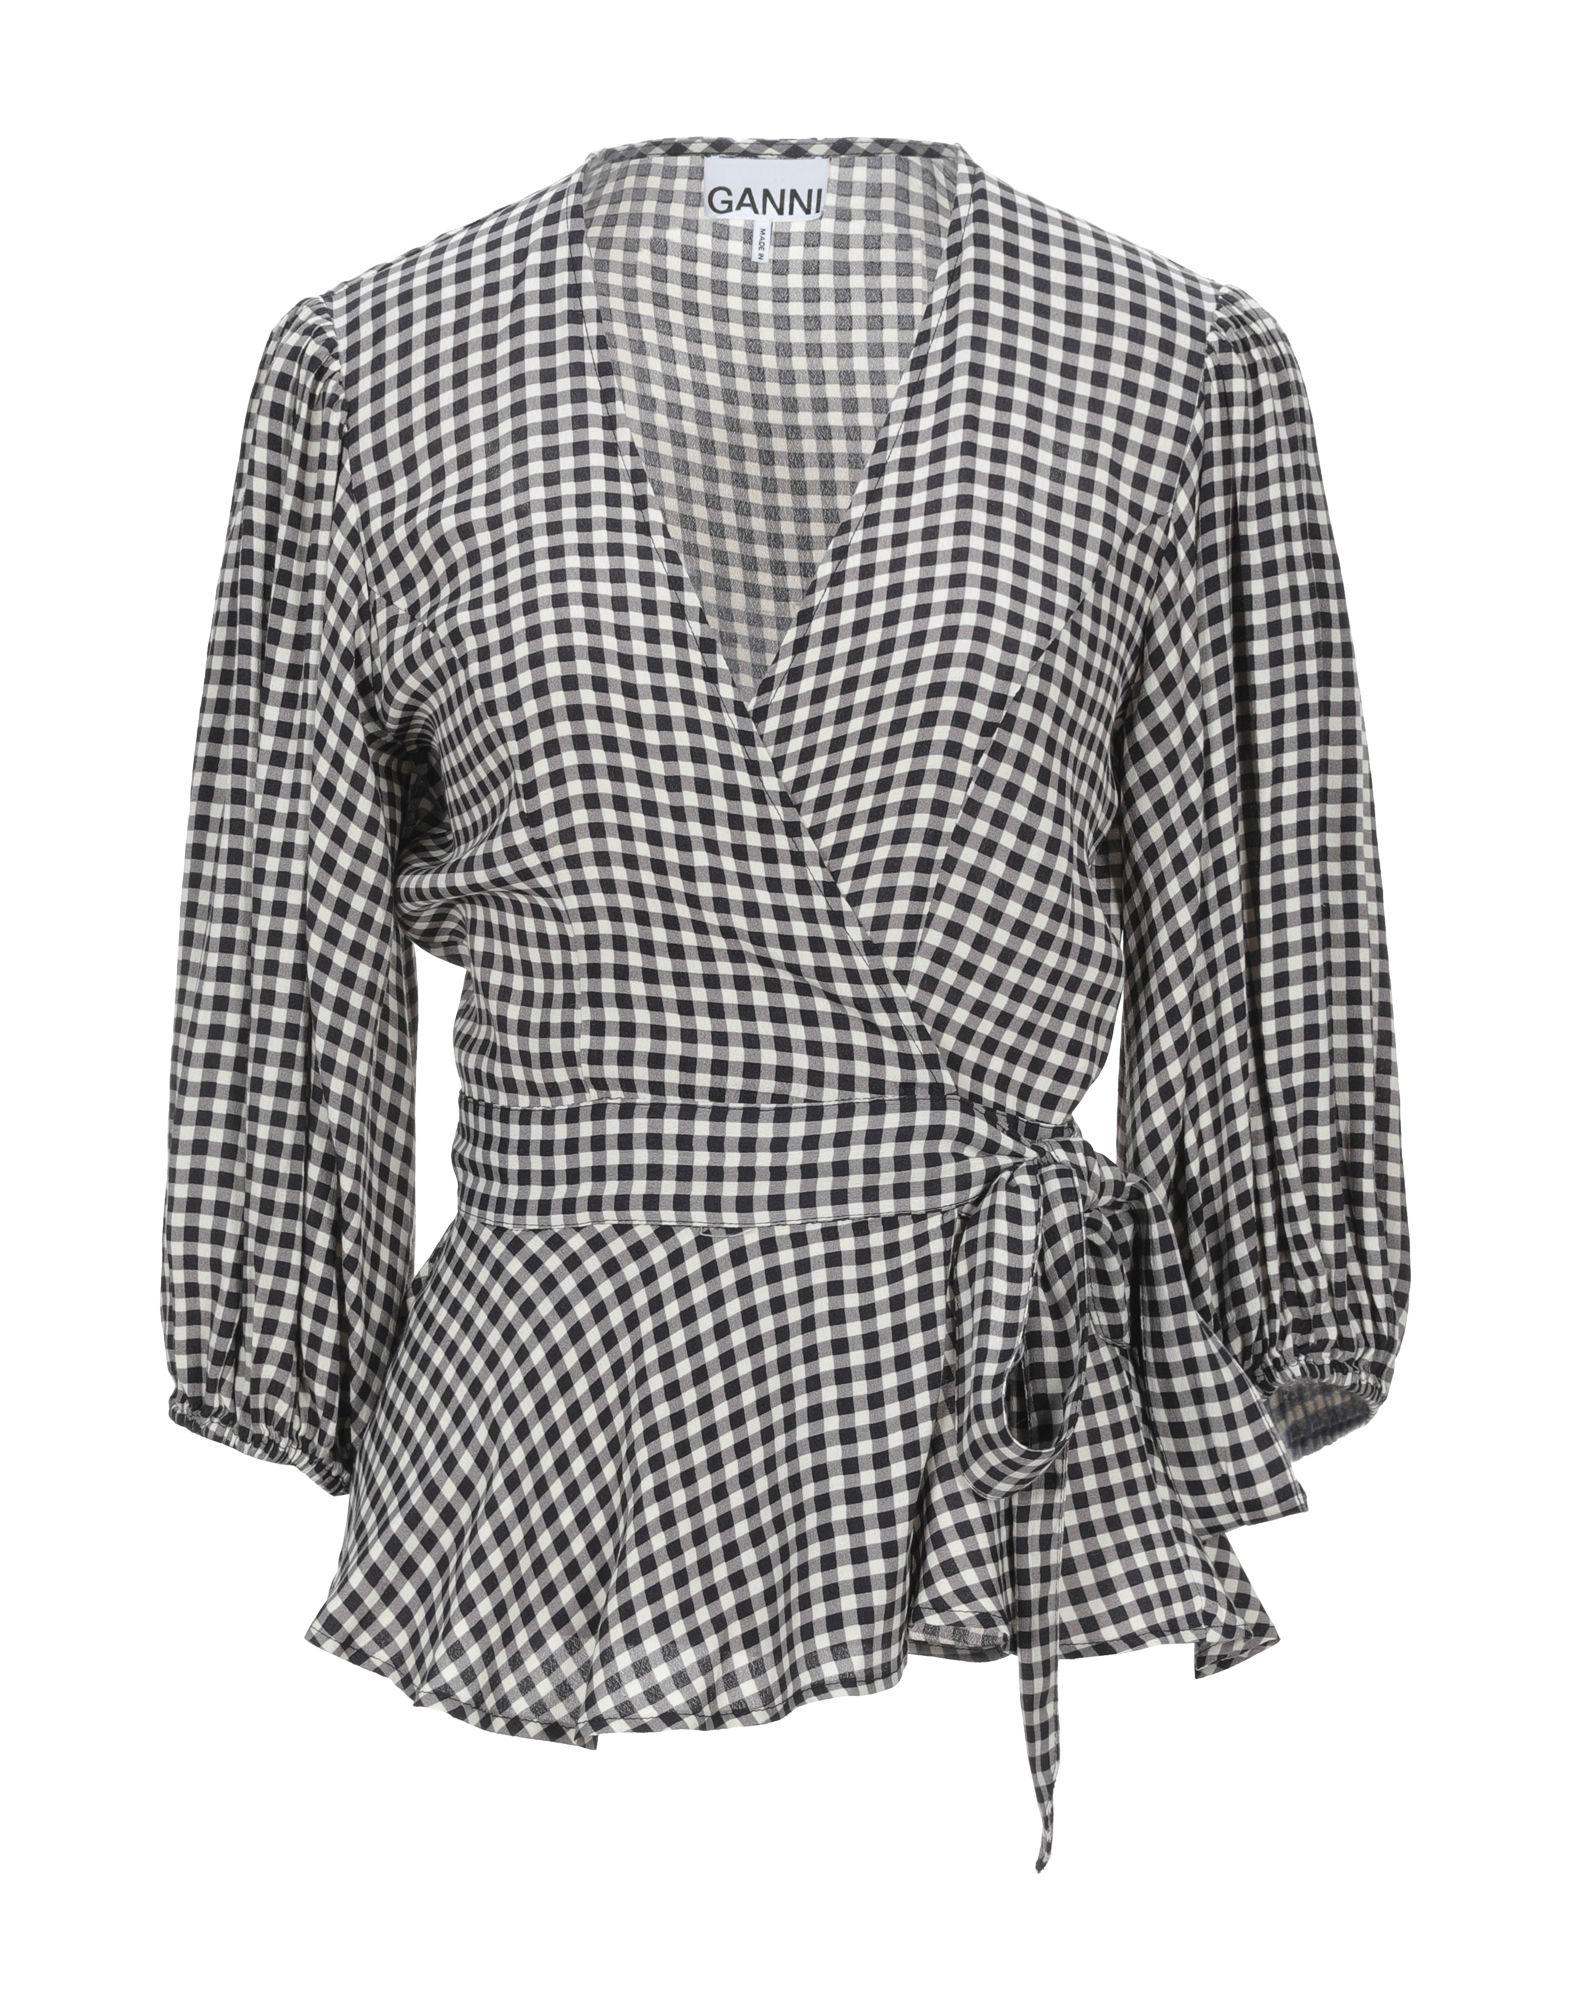 GANNI Shirts. crepe, no appliqués, checked, self-tie wrap closure, long sleeves, deep neckline, no pockets. 100% Viscose